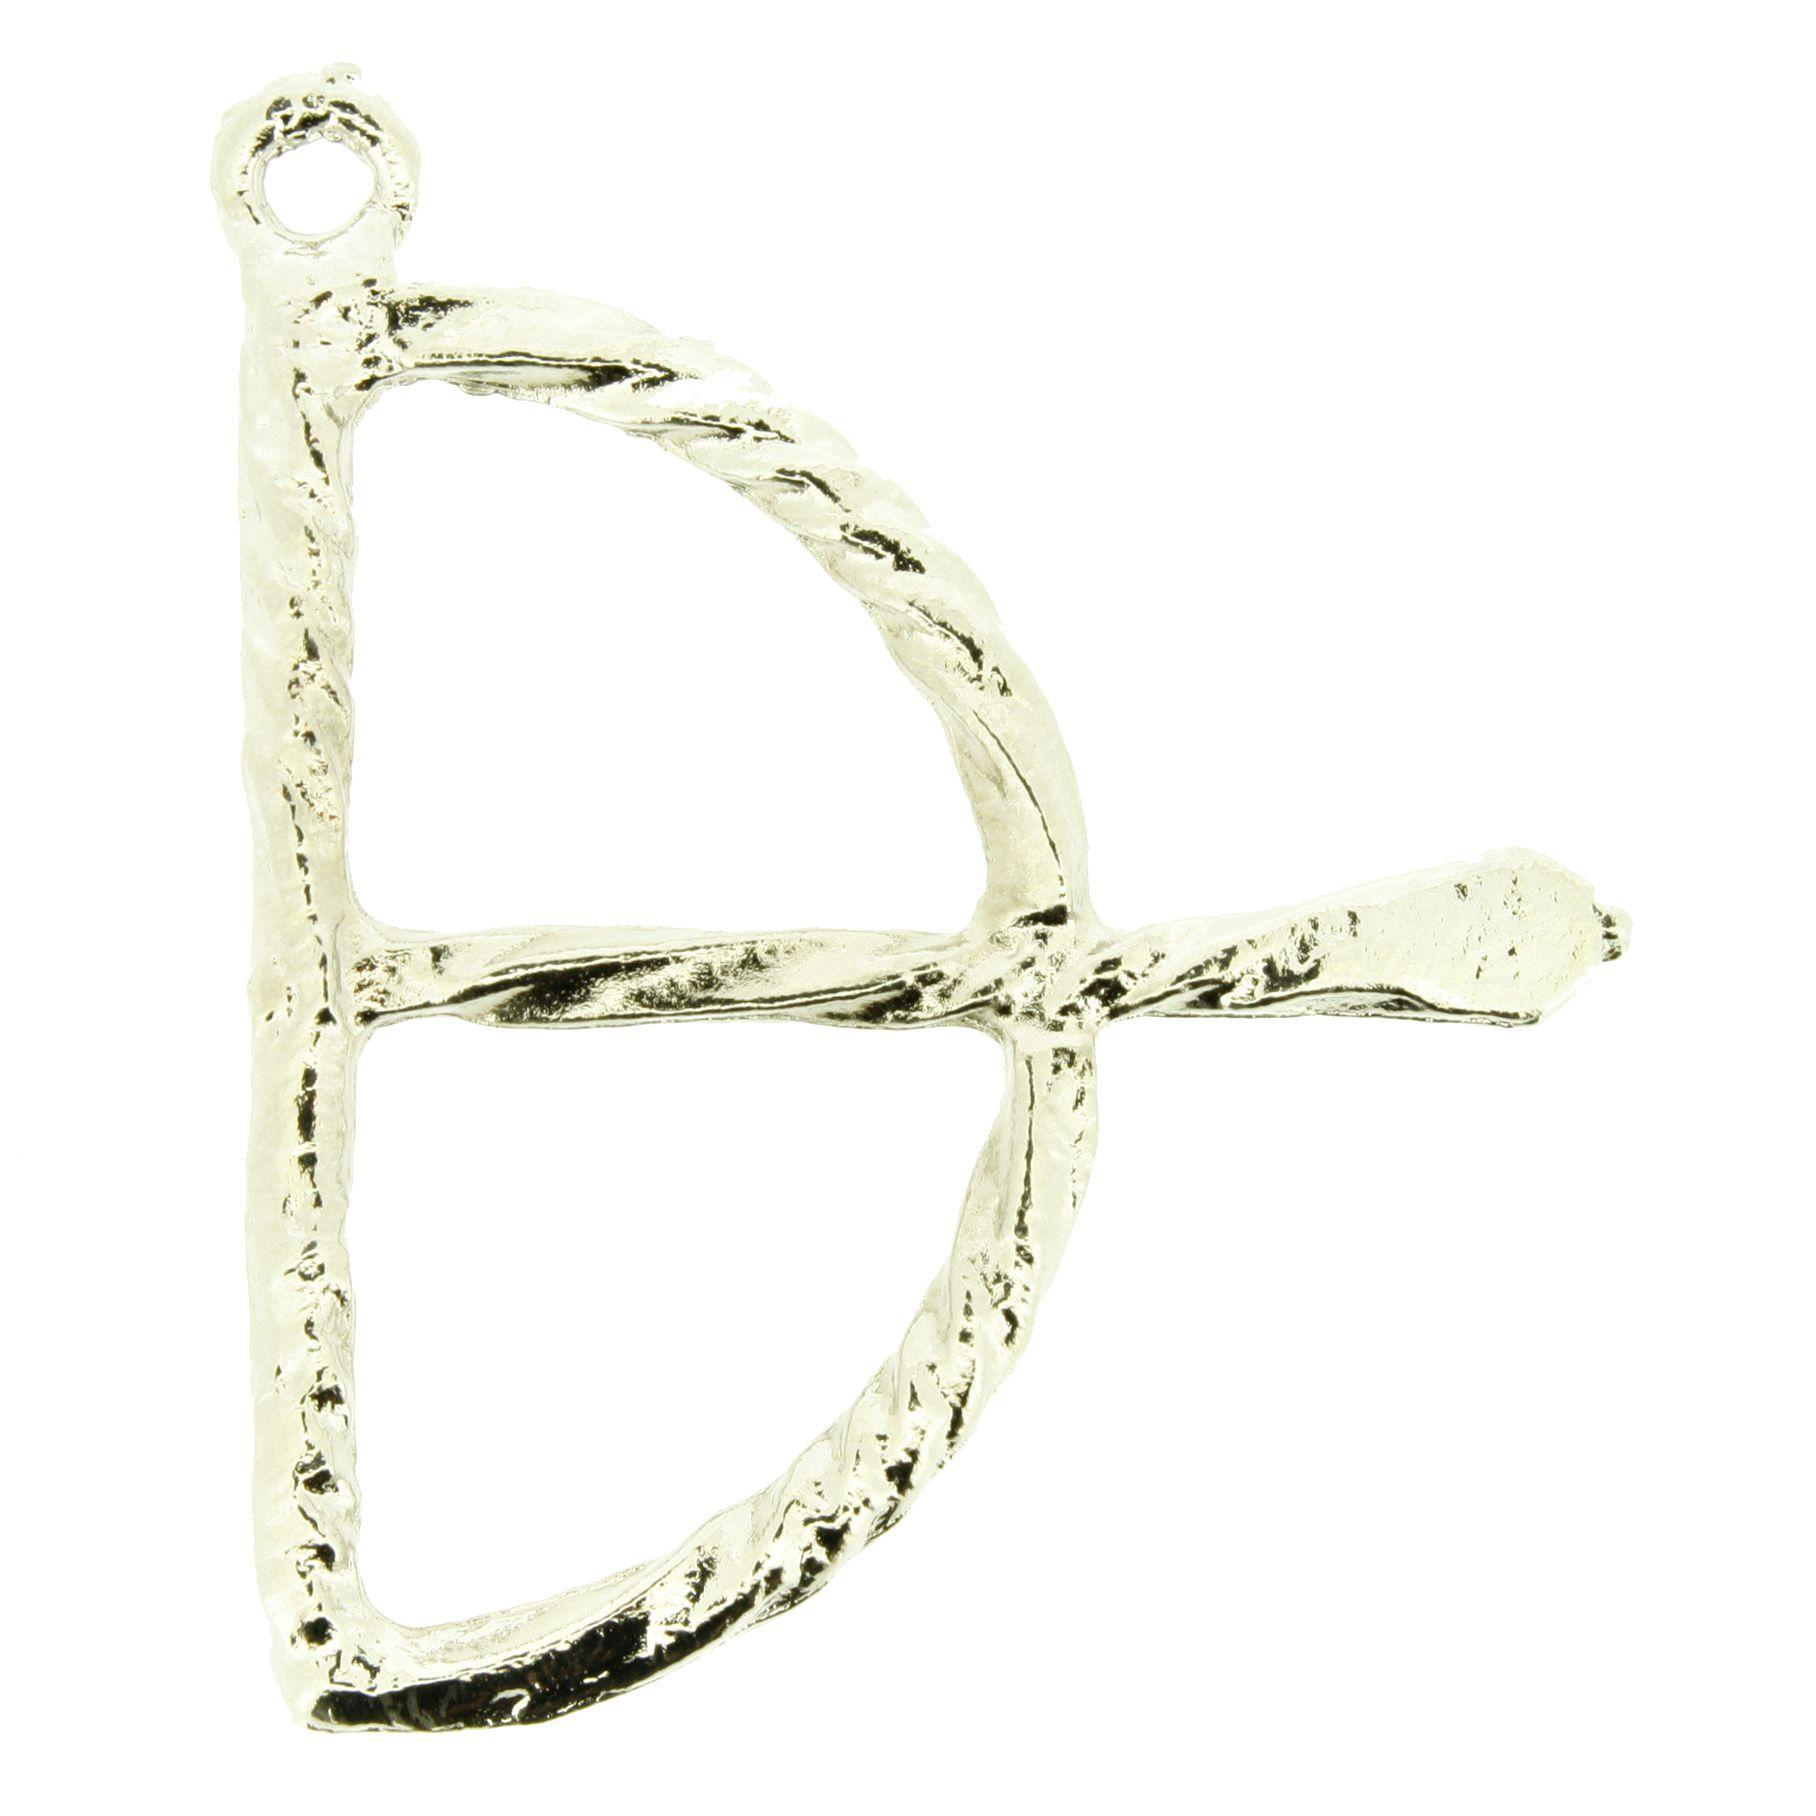 Arco e Flecha - Níquel - 47mm - 01 Peça  - Stéphanie Bijoux® - Peças para Bijuterias e Artesanato